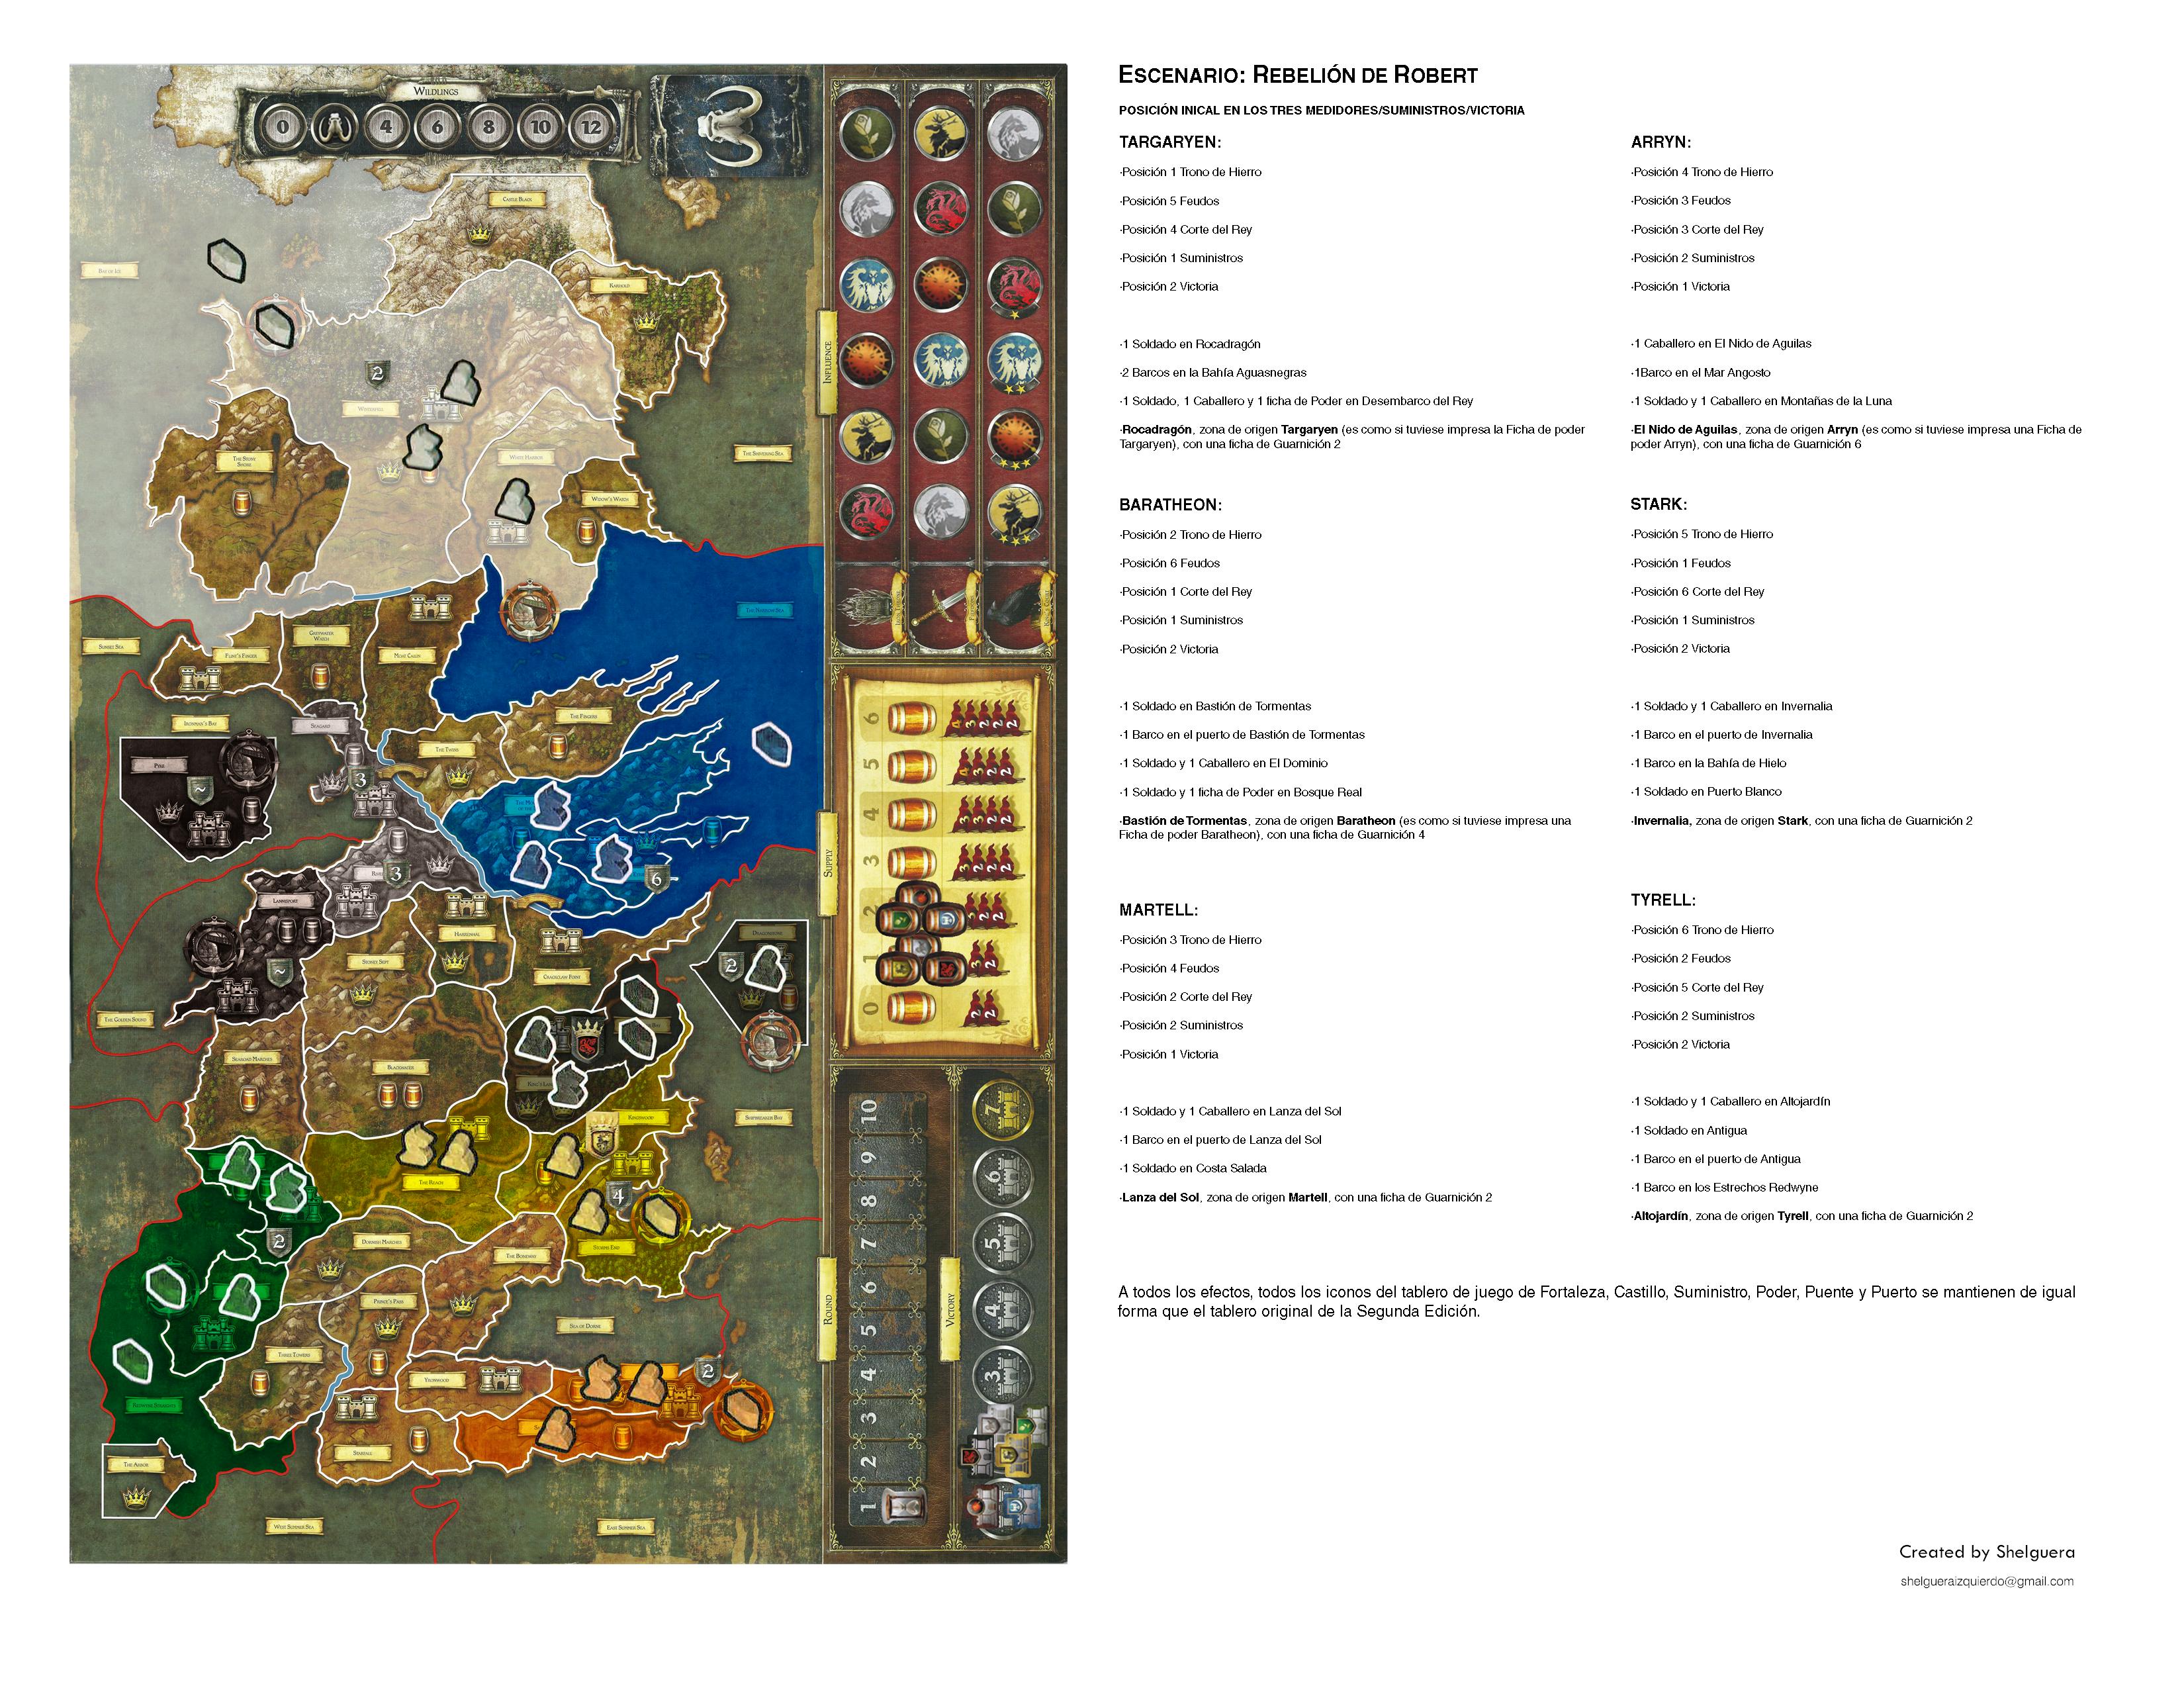 Rebelión de Robert, la version espagnole de Schelguera (partie à six joueurs) 8102366PLAYERSIC